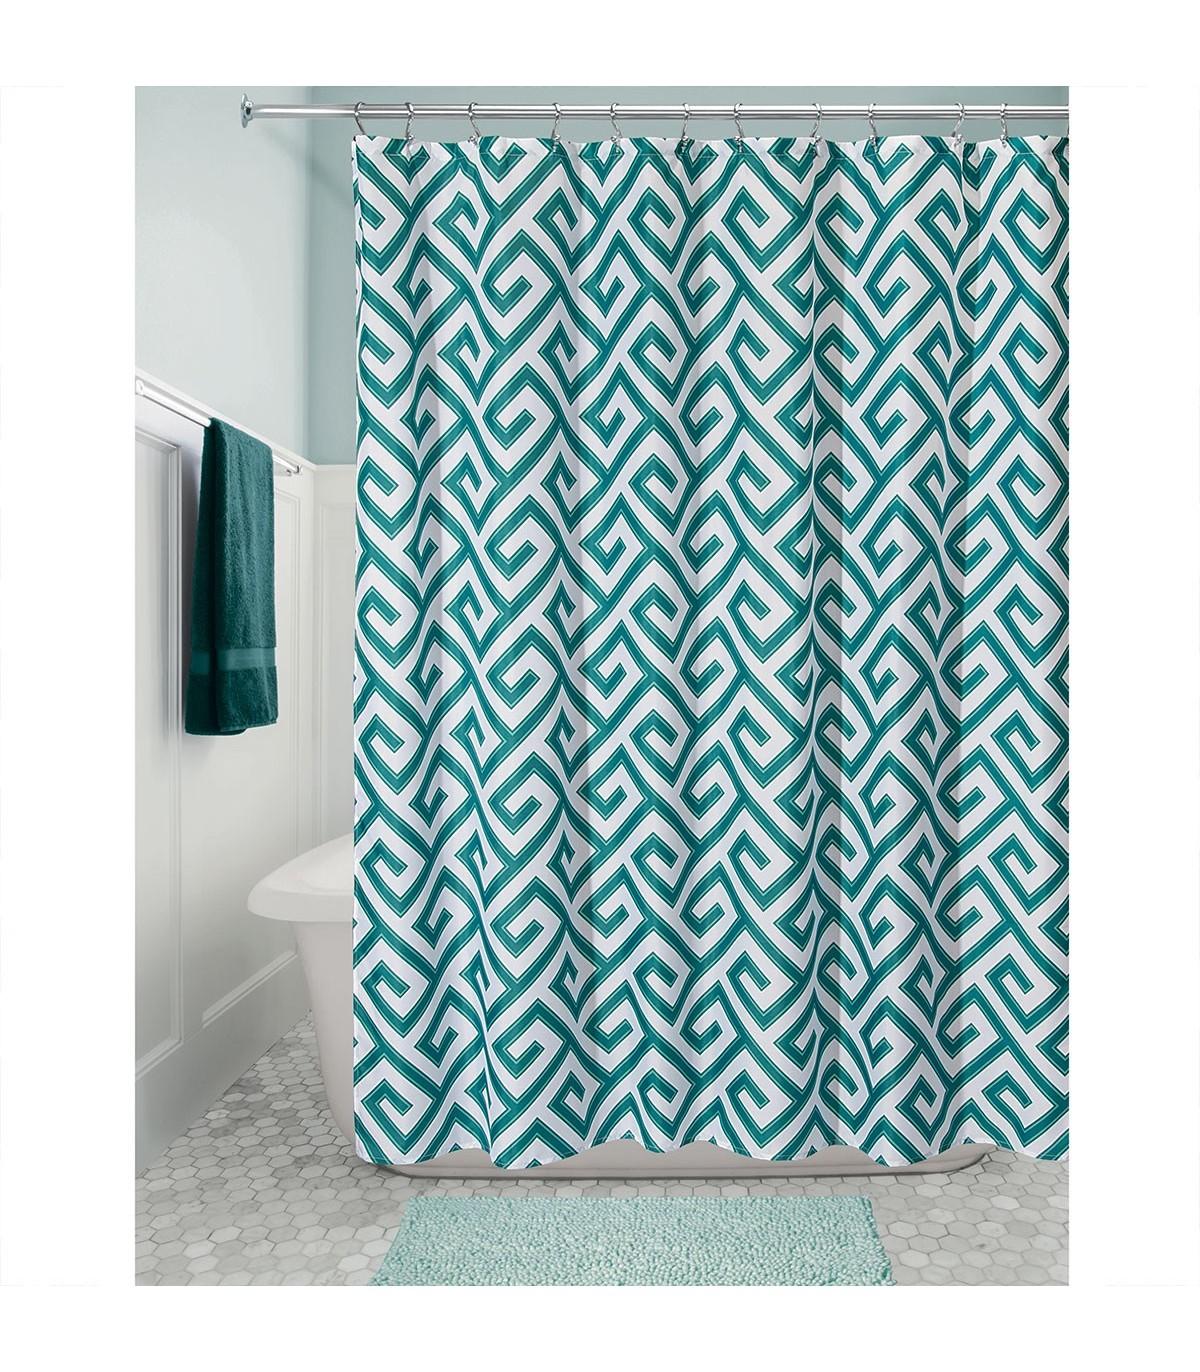 Rideau de douche avec motifs - Blanc et vert - 183 x 1 x H183 cm